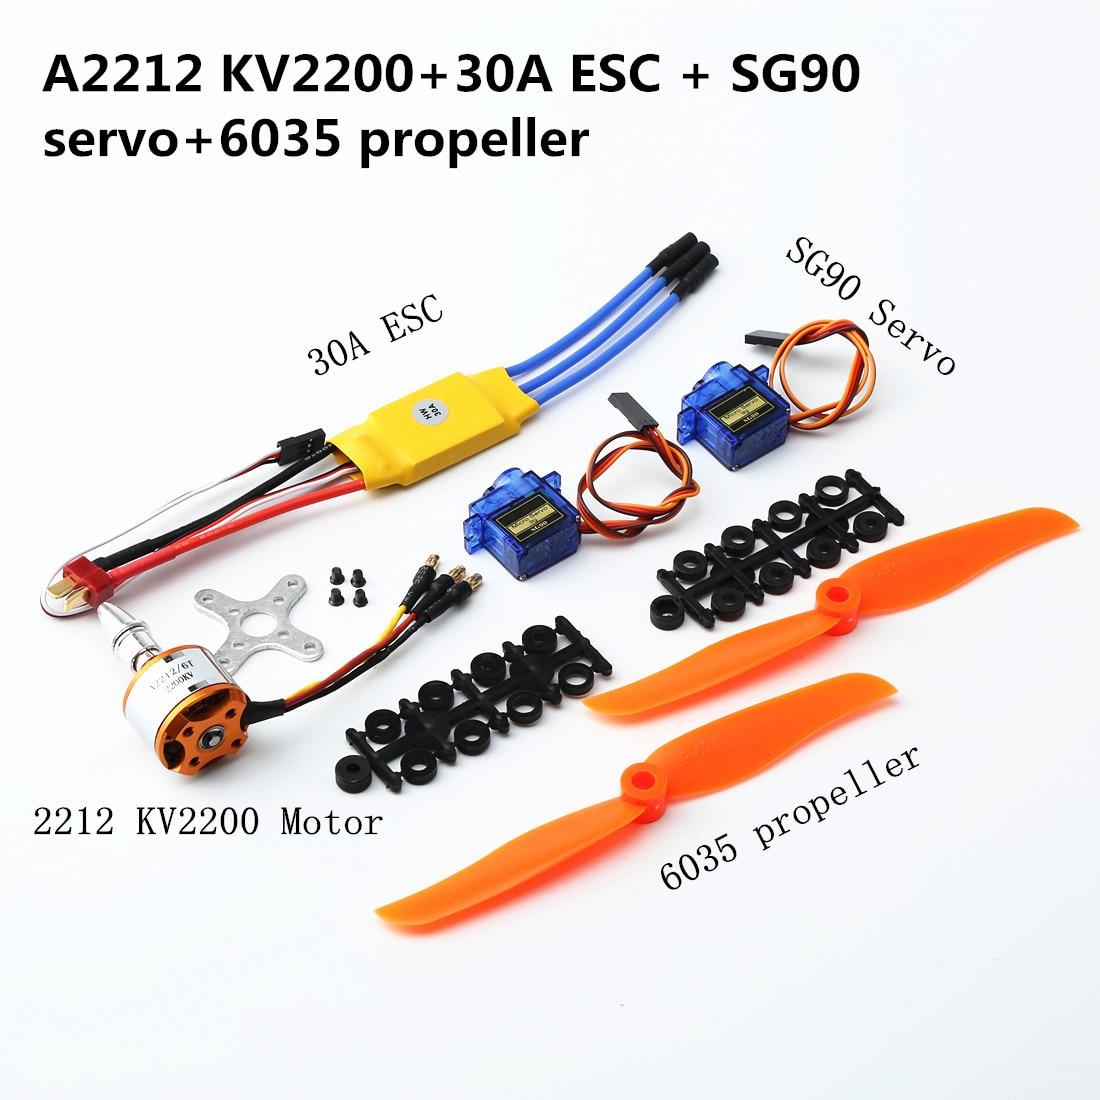 Бесщеточный двигатель A2217/A2212 2200KV/1000KV 30A/40A ESC SG90 9G Micro Servo с T plu для радиоуправляемого вертолета с неподвижным крылом